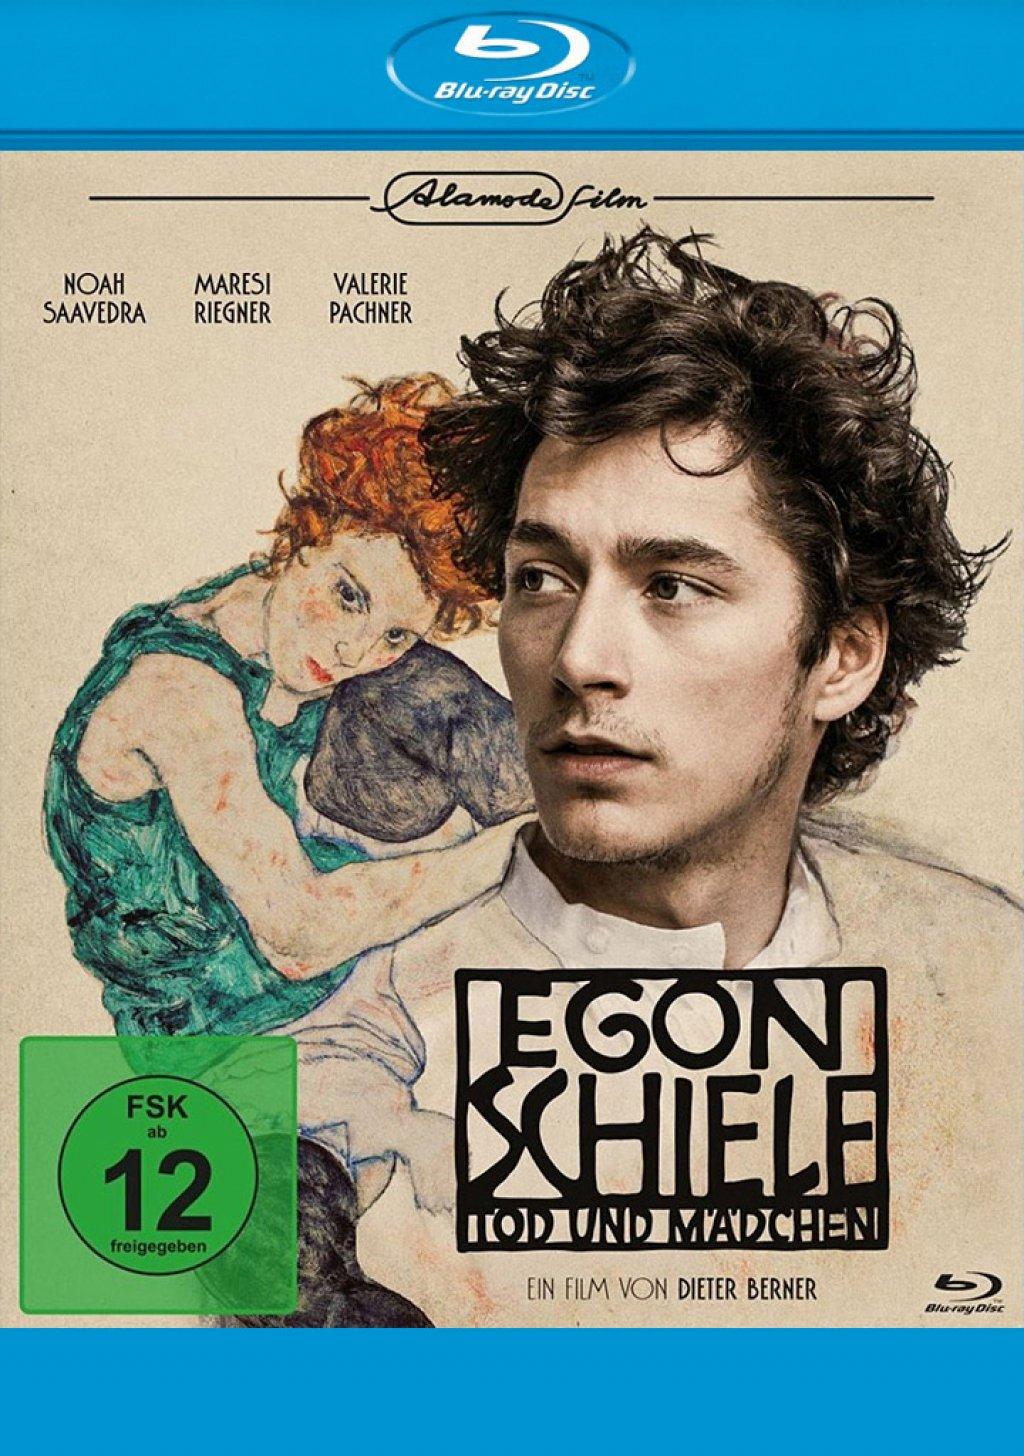 Egon Schiele - Tod und Mädchen (Blu-ray)